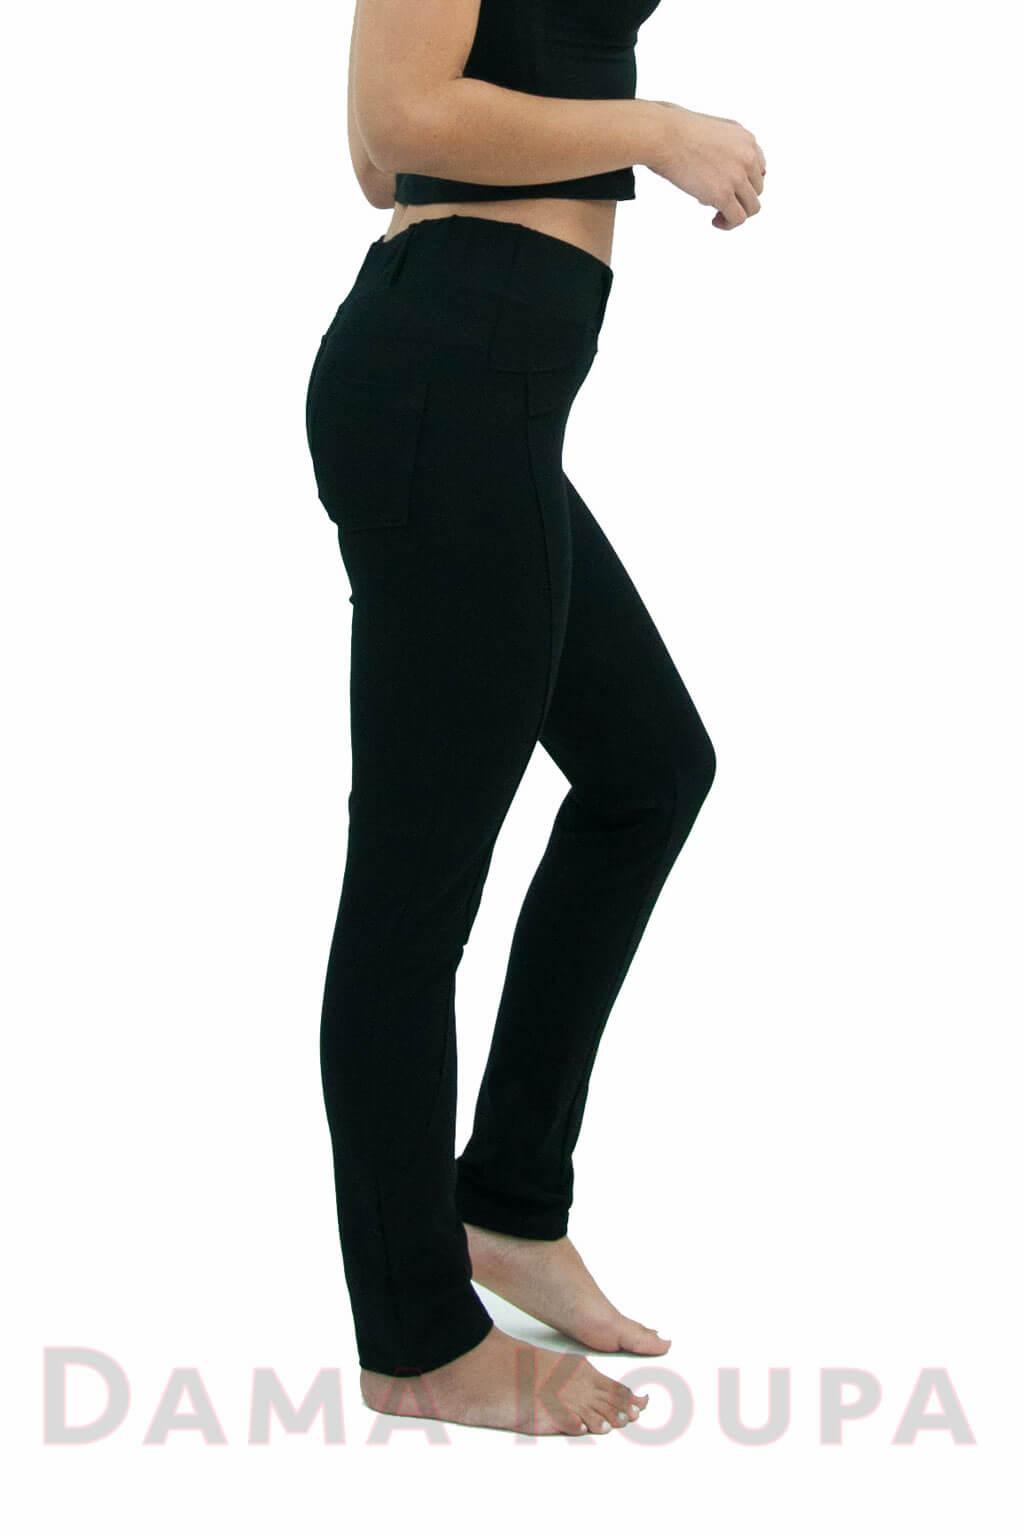 65af8941964c Γυναικείο μαύρο παντελόνι Παντελόνι κολάν μπλε Ψηλόμεσο μαύρο παντελόνι με  τσέπες Παντελονοκολάν μπλε Στενό παντελόνι με τσέπες Καθημερινό παντελόνι  μαύρο